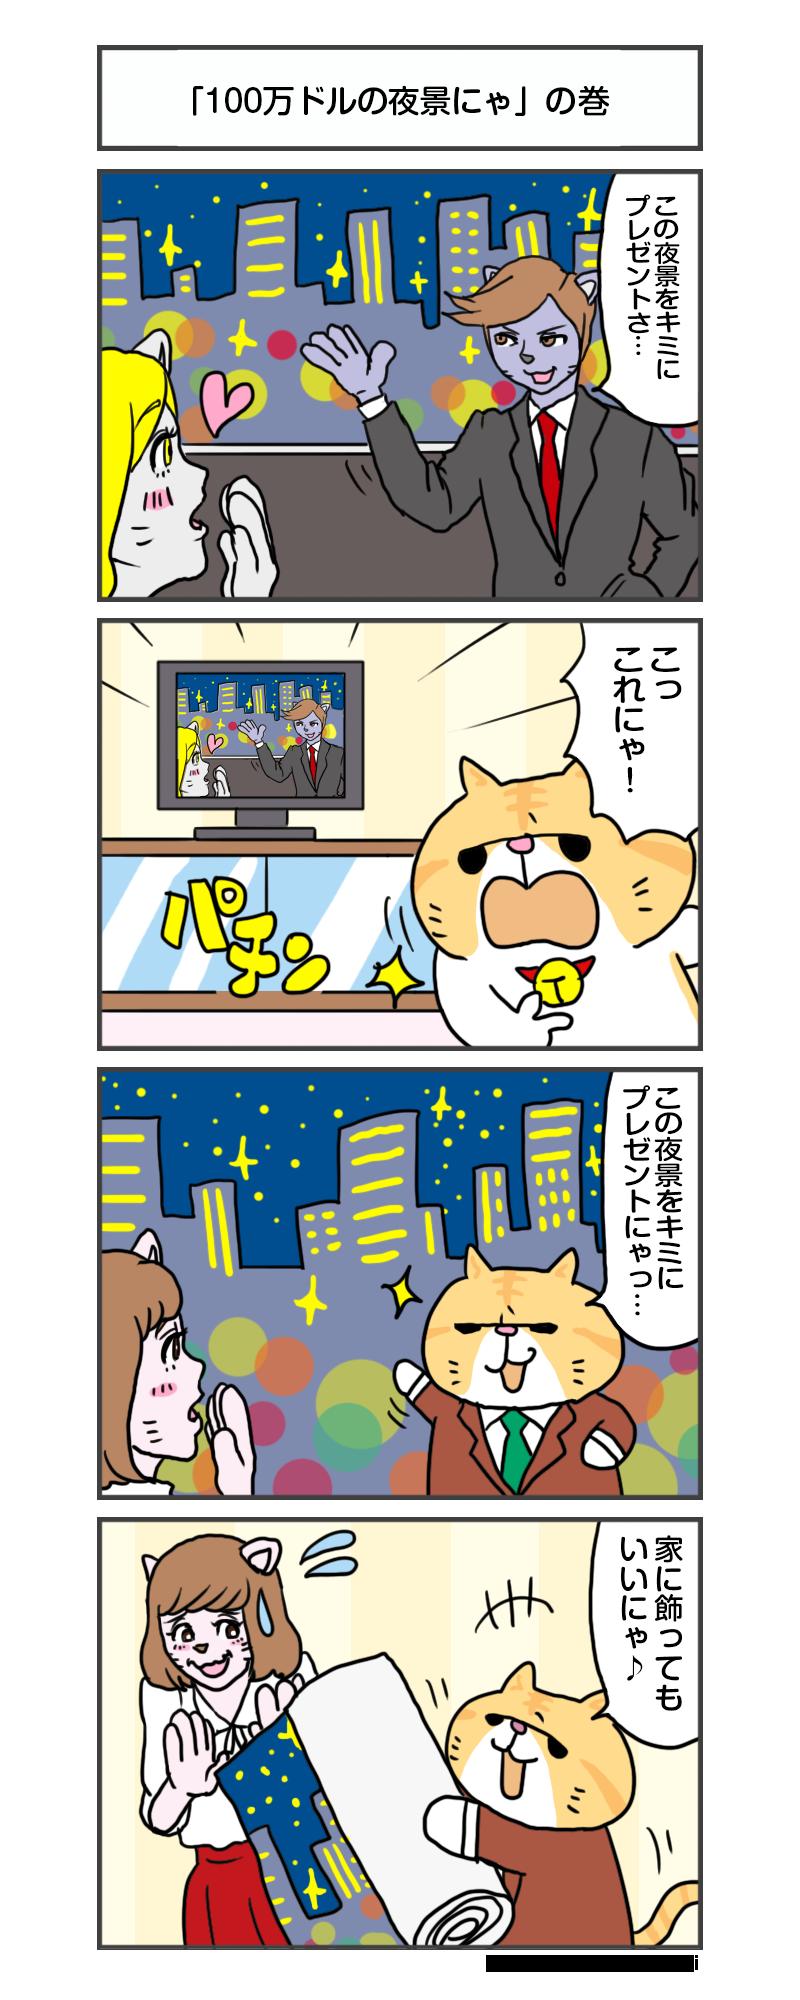 えきぞうmanga_vol.303